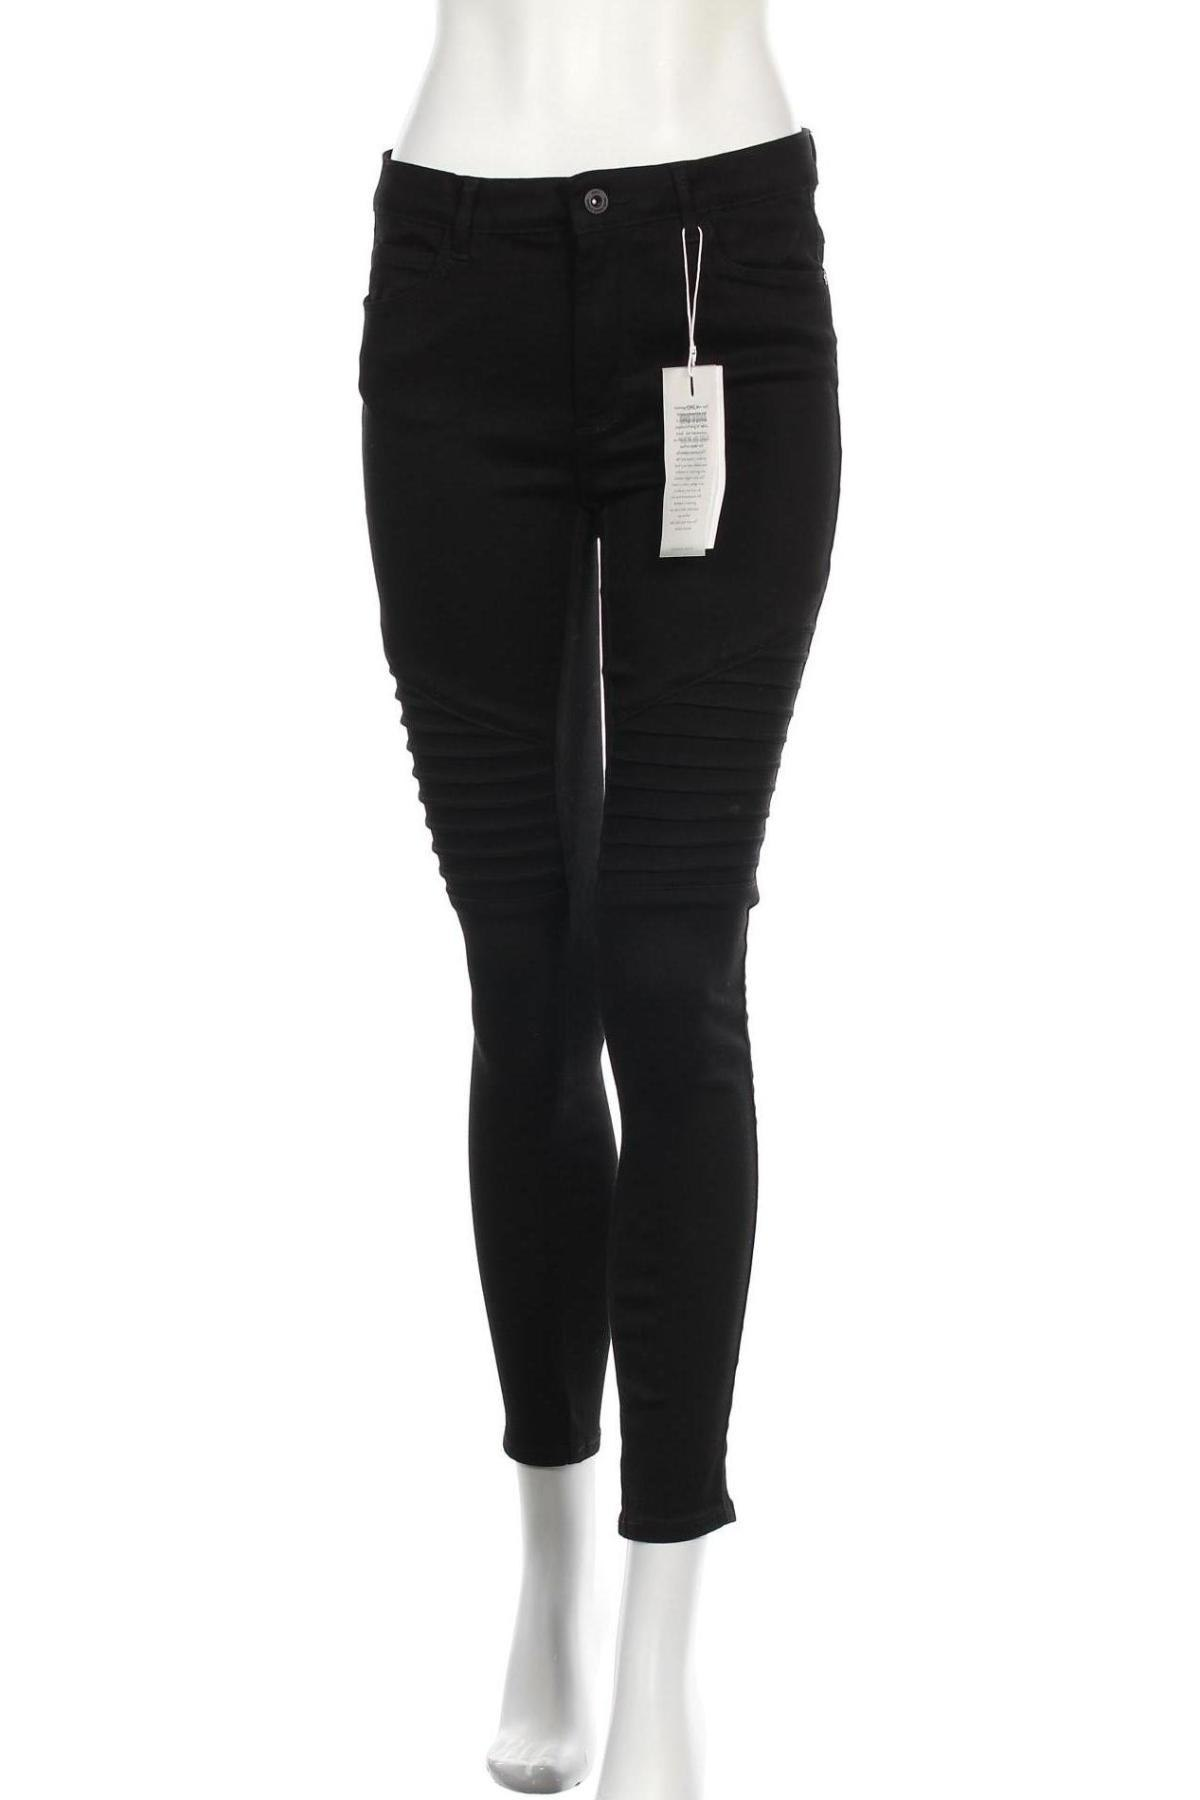 Дамски дънки ONLY, Размер M, Цвят Черен, 29% полиестер, 2% еластан, 69% памук, Цена 51,75лв.